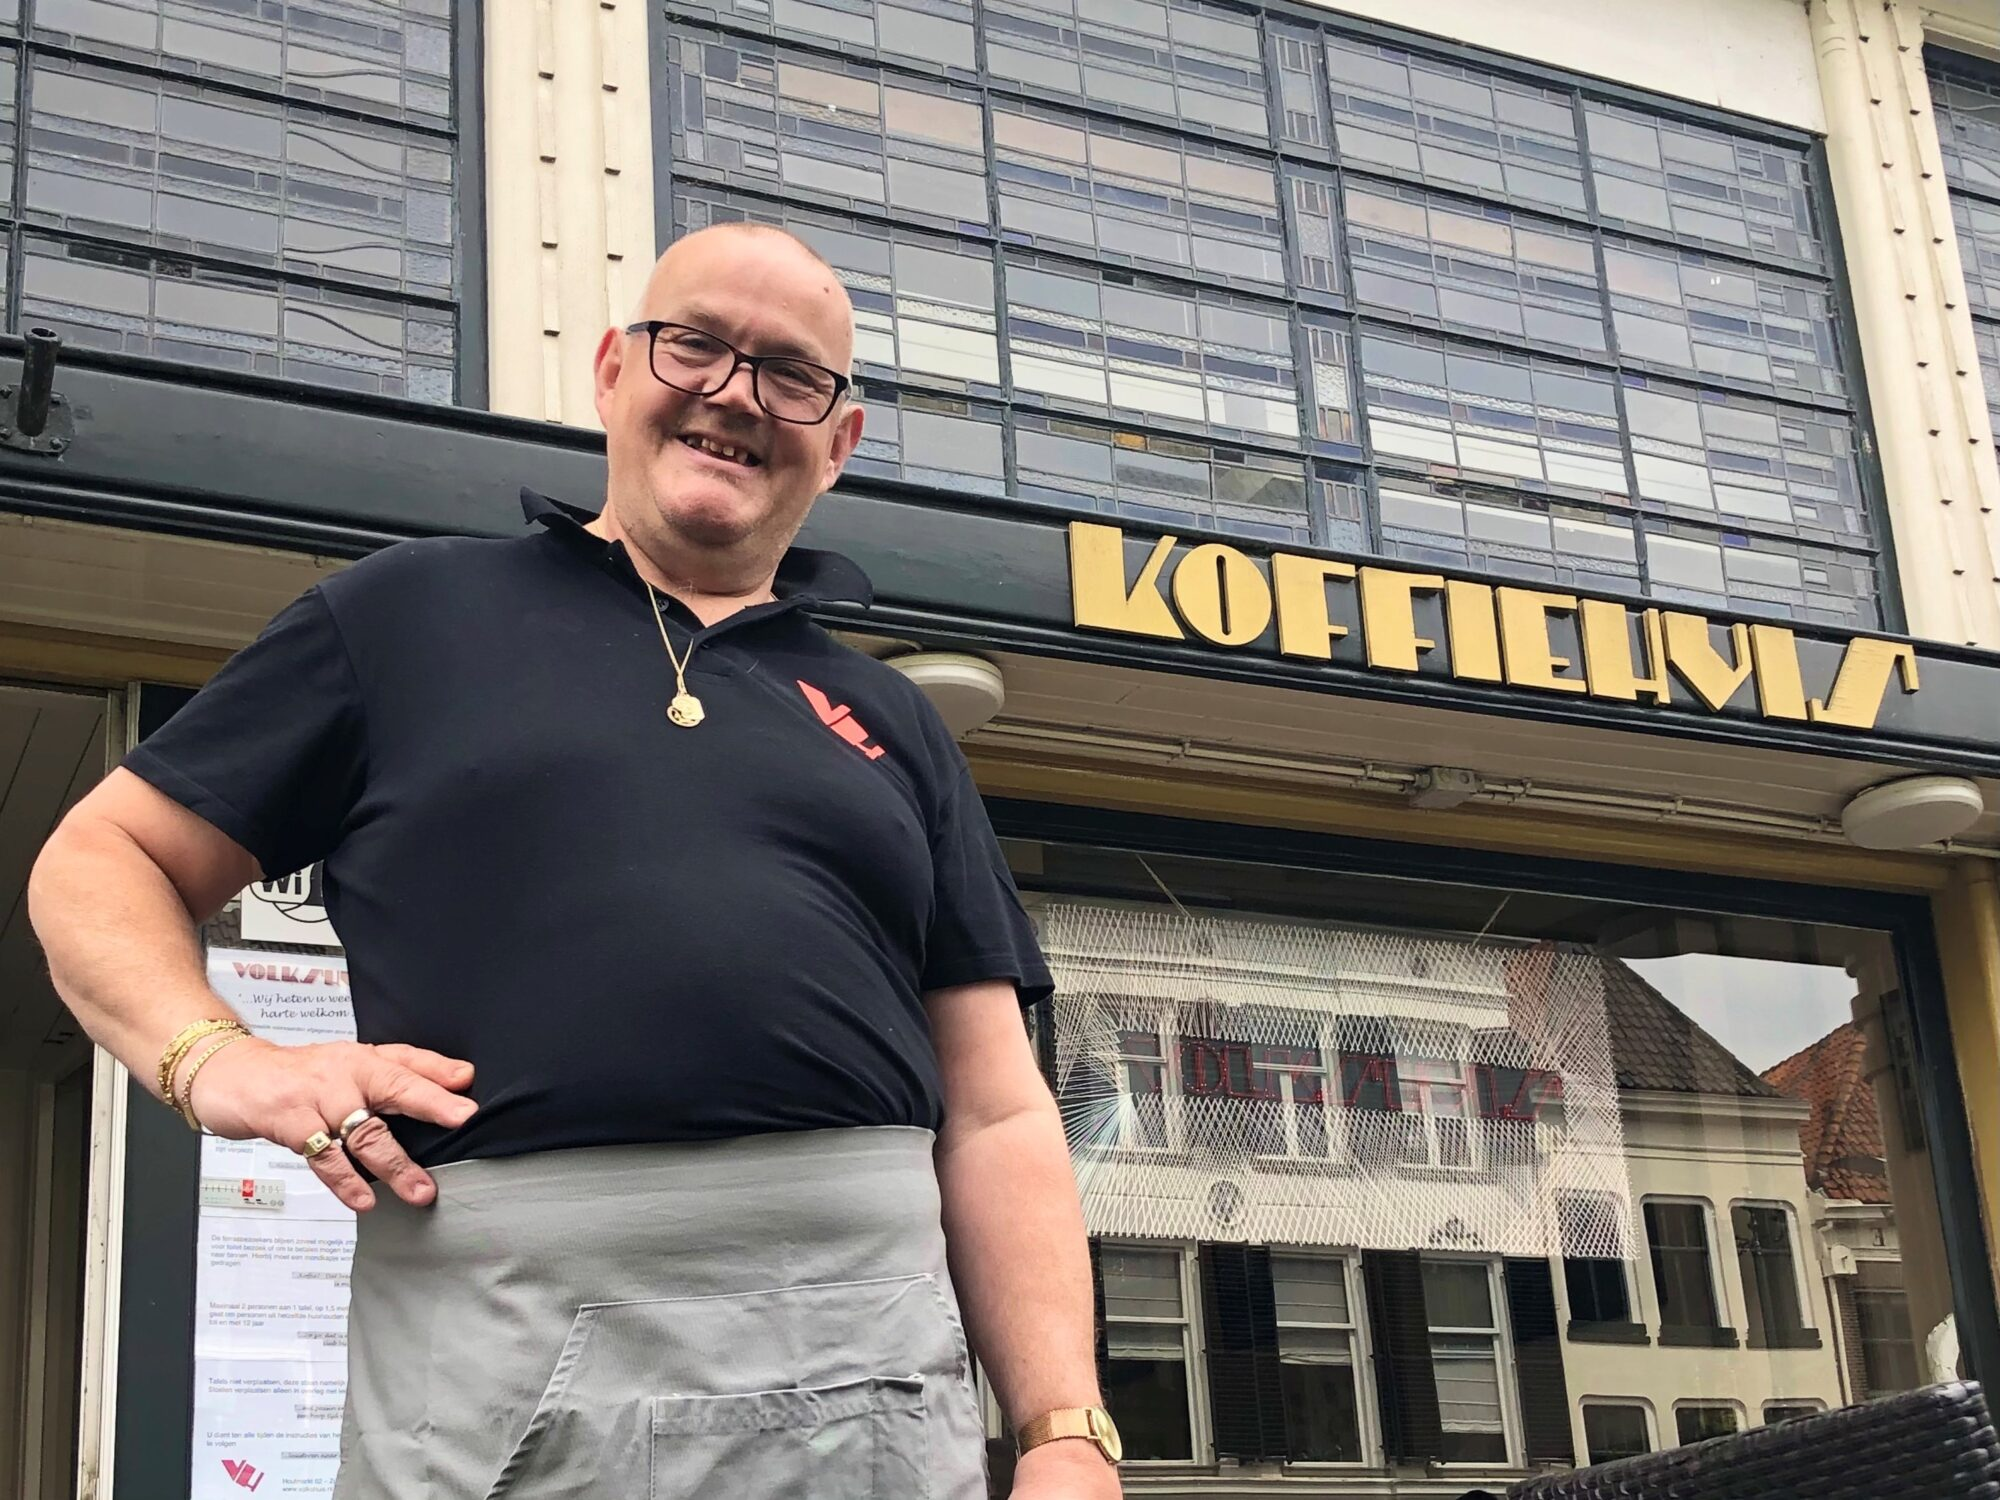 Al 25 jaar arbeidsmatige dagbesteding bij het Volkshuis Zutphen: 'Gastheer Ko is jubilaris en hij trakteert'